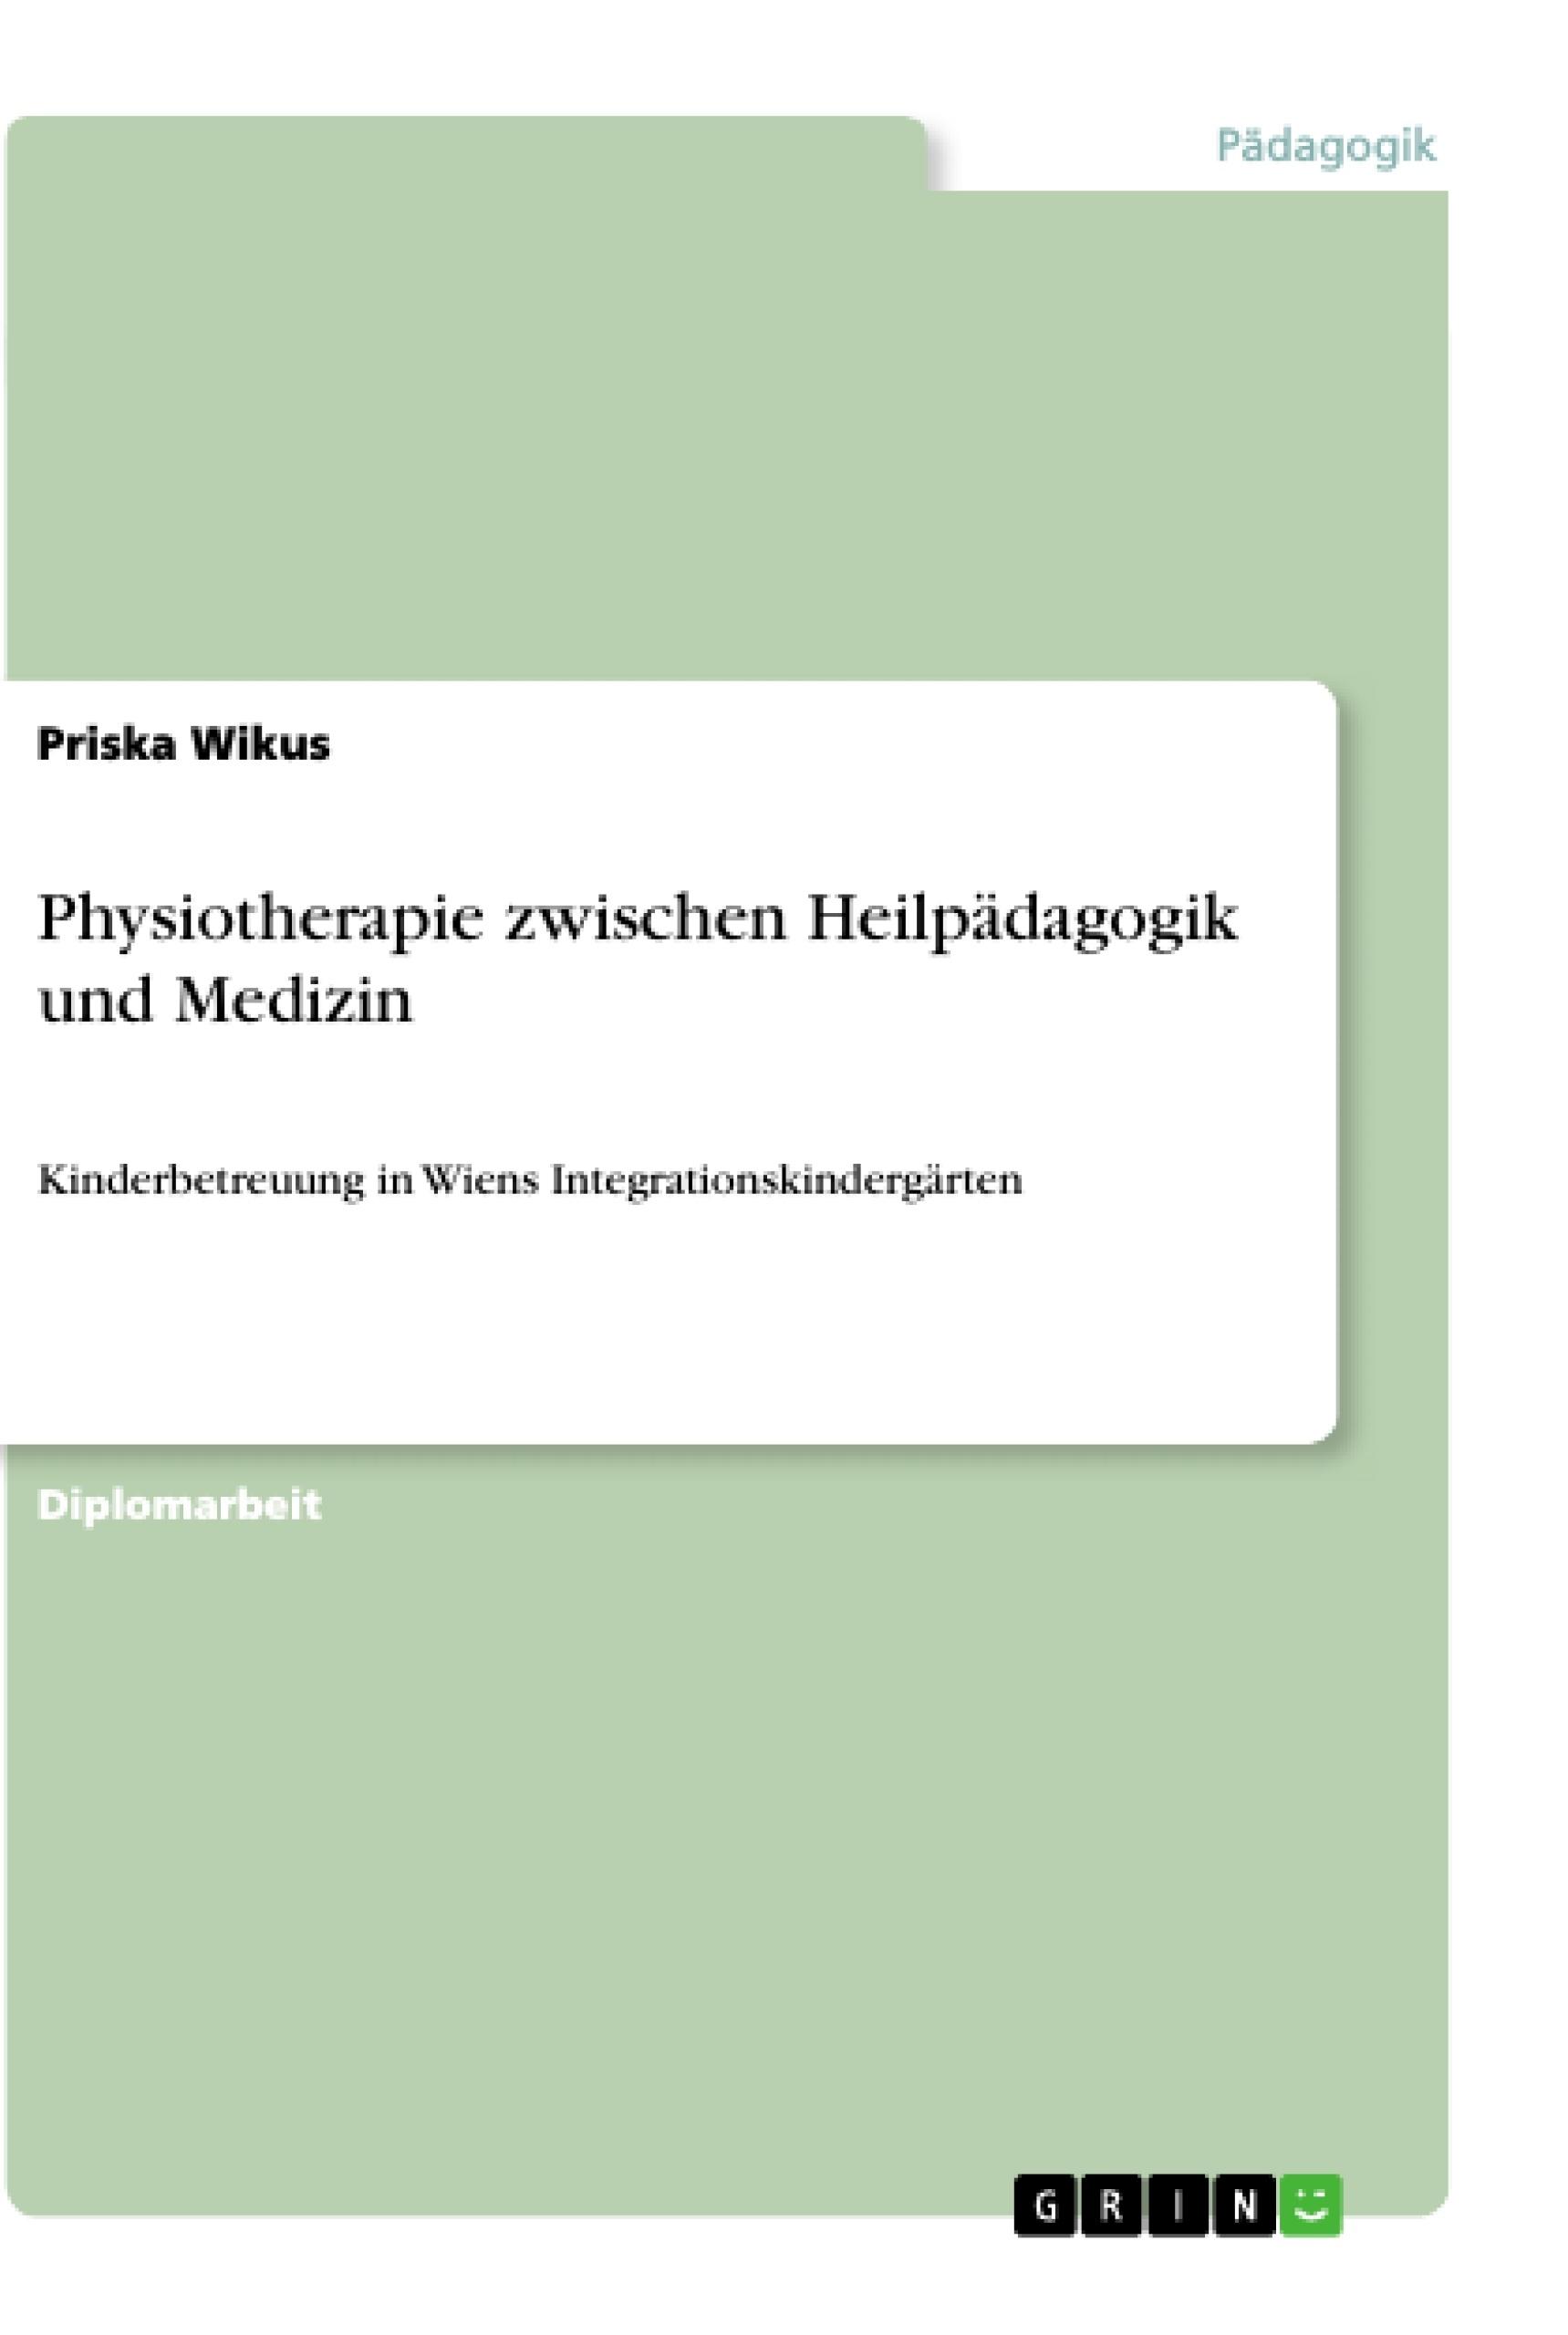 Titel: Physiotherapie zwischen Heilpädagogik und Medizin